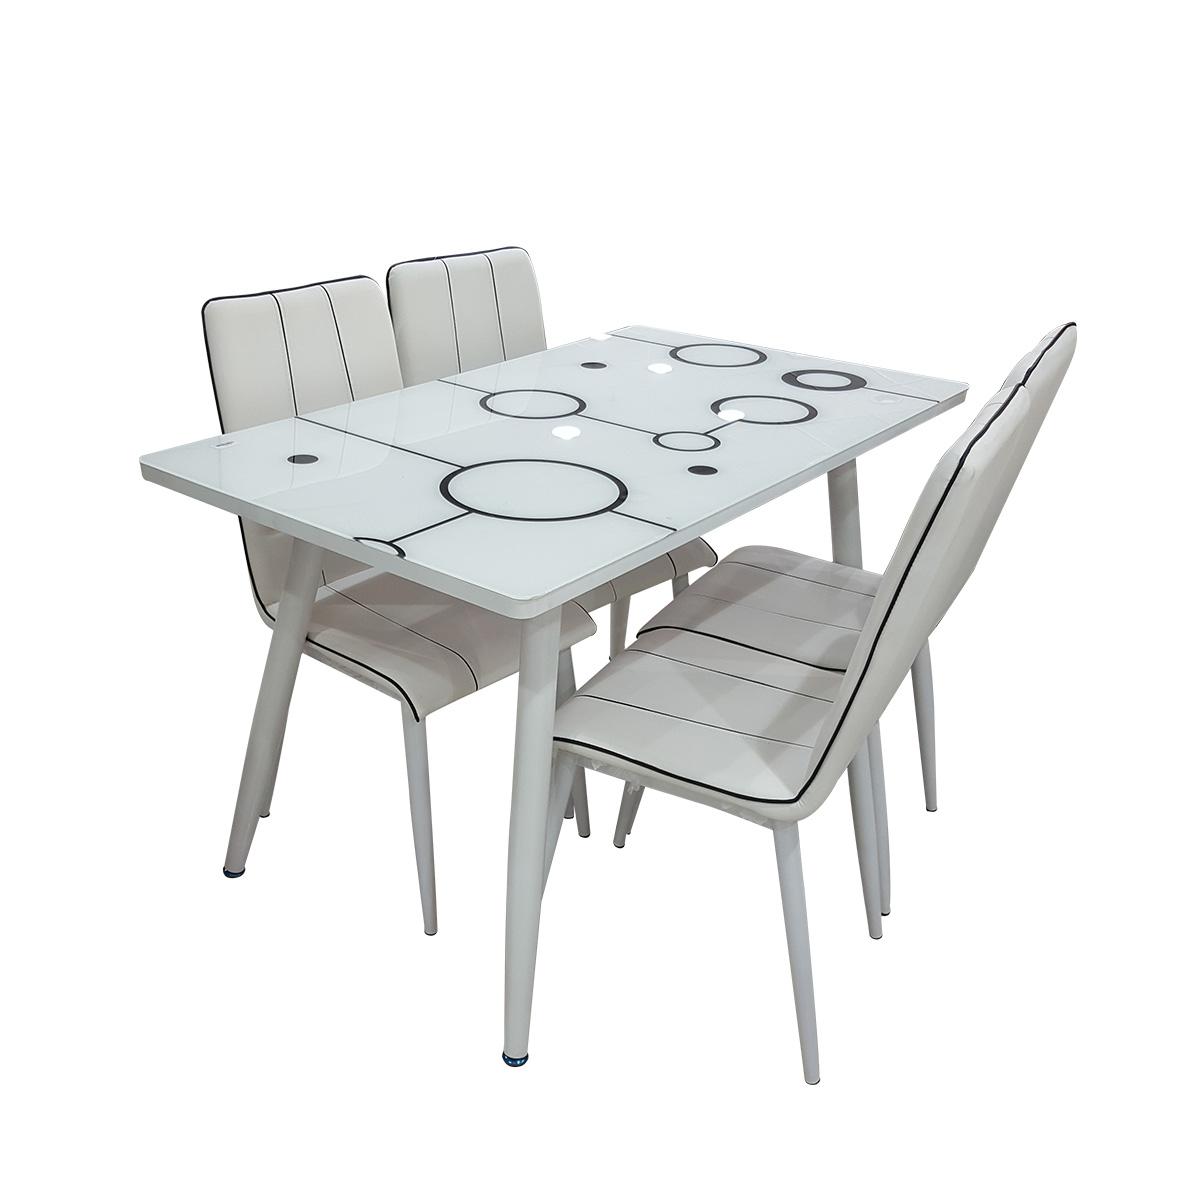 طاولة طعام زجاج مع 6 كرسي - لون ابيض - 3006/2